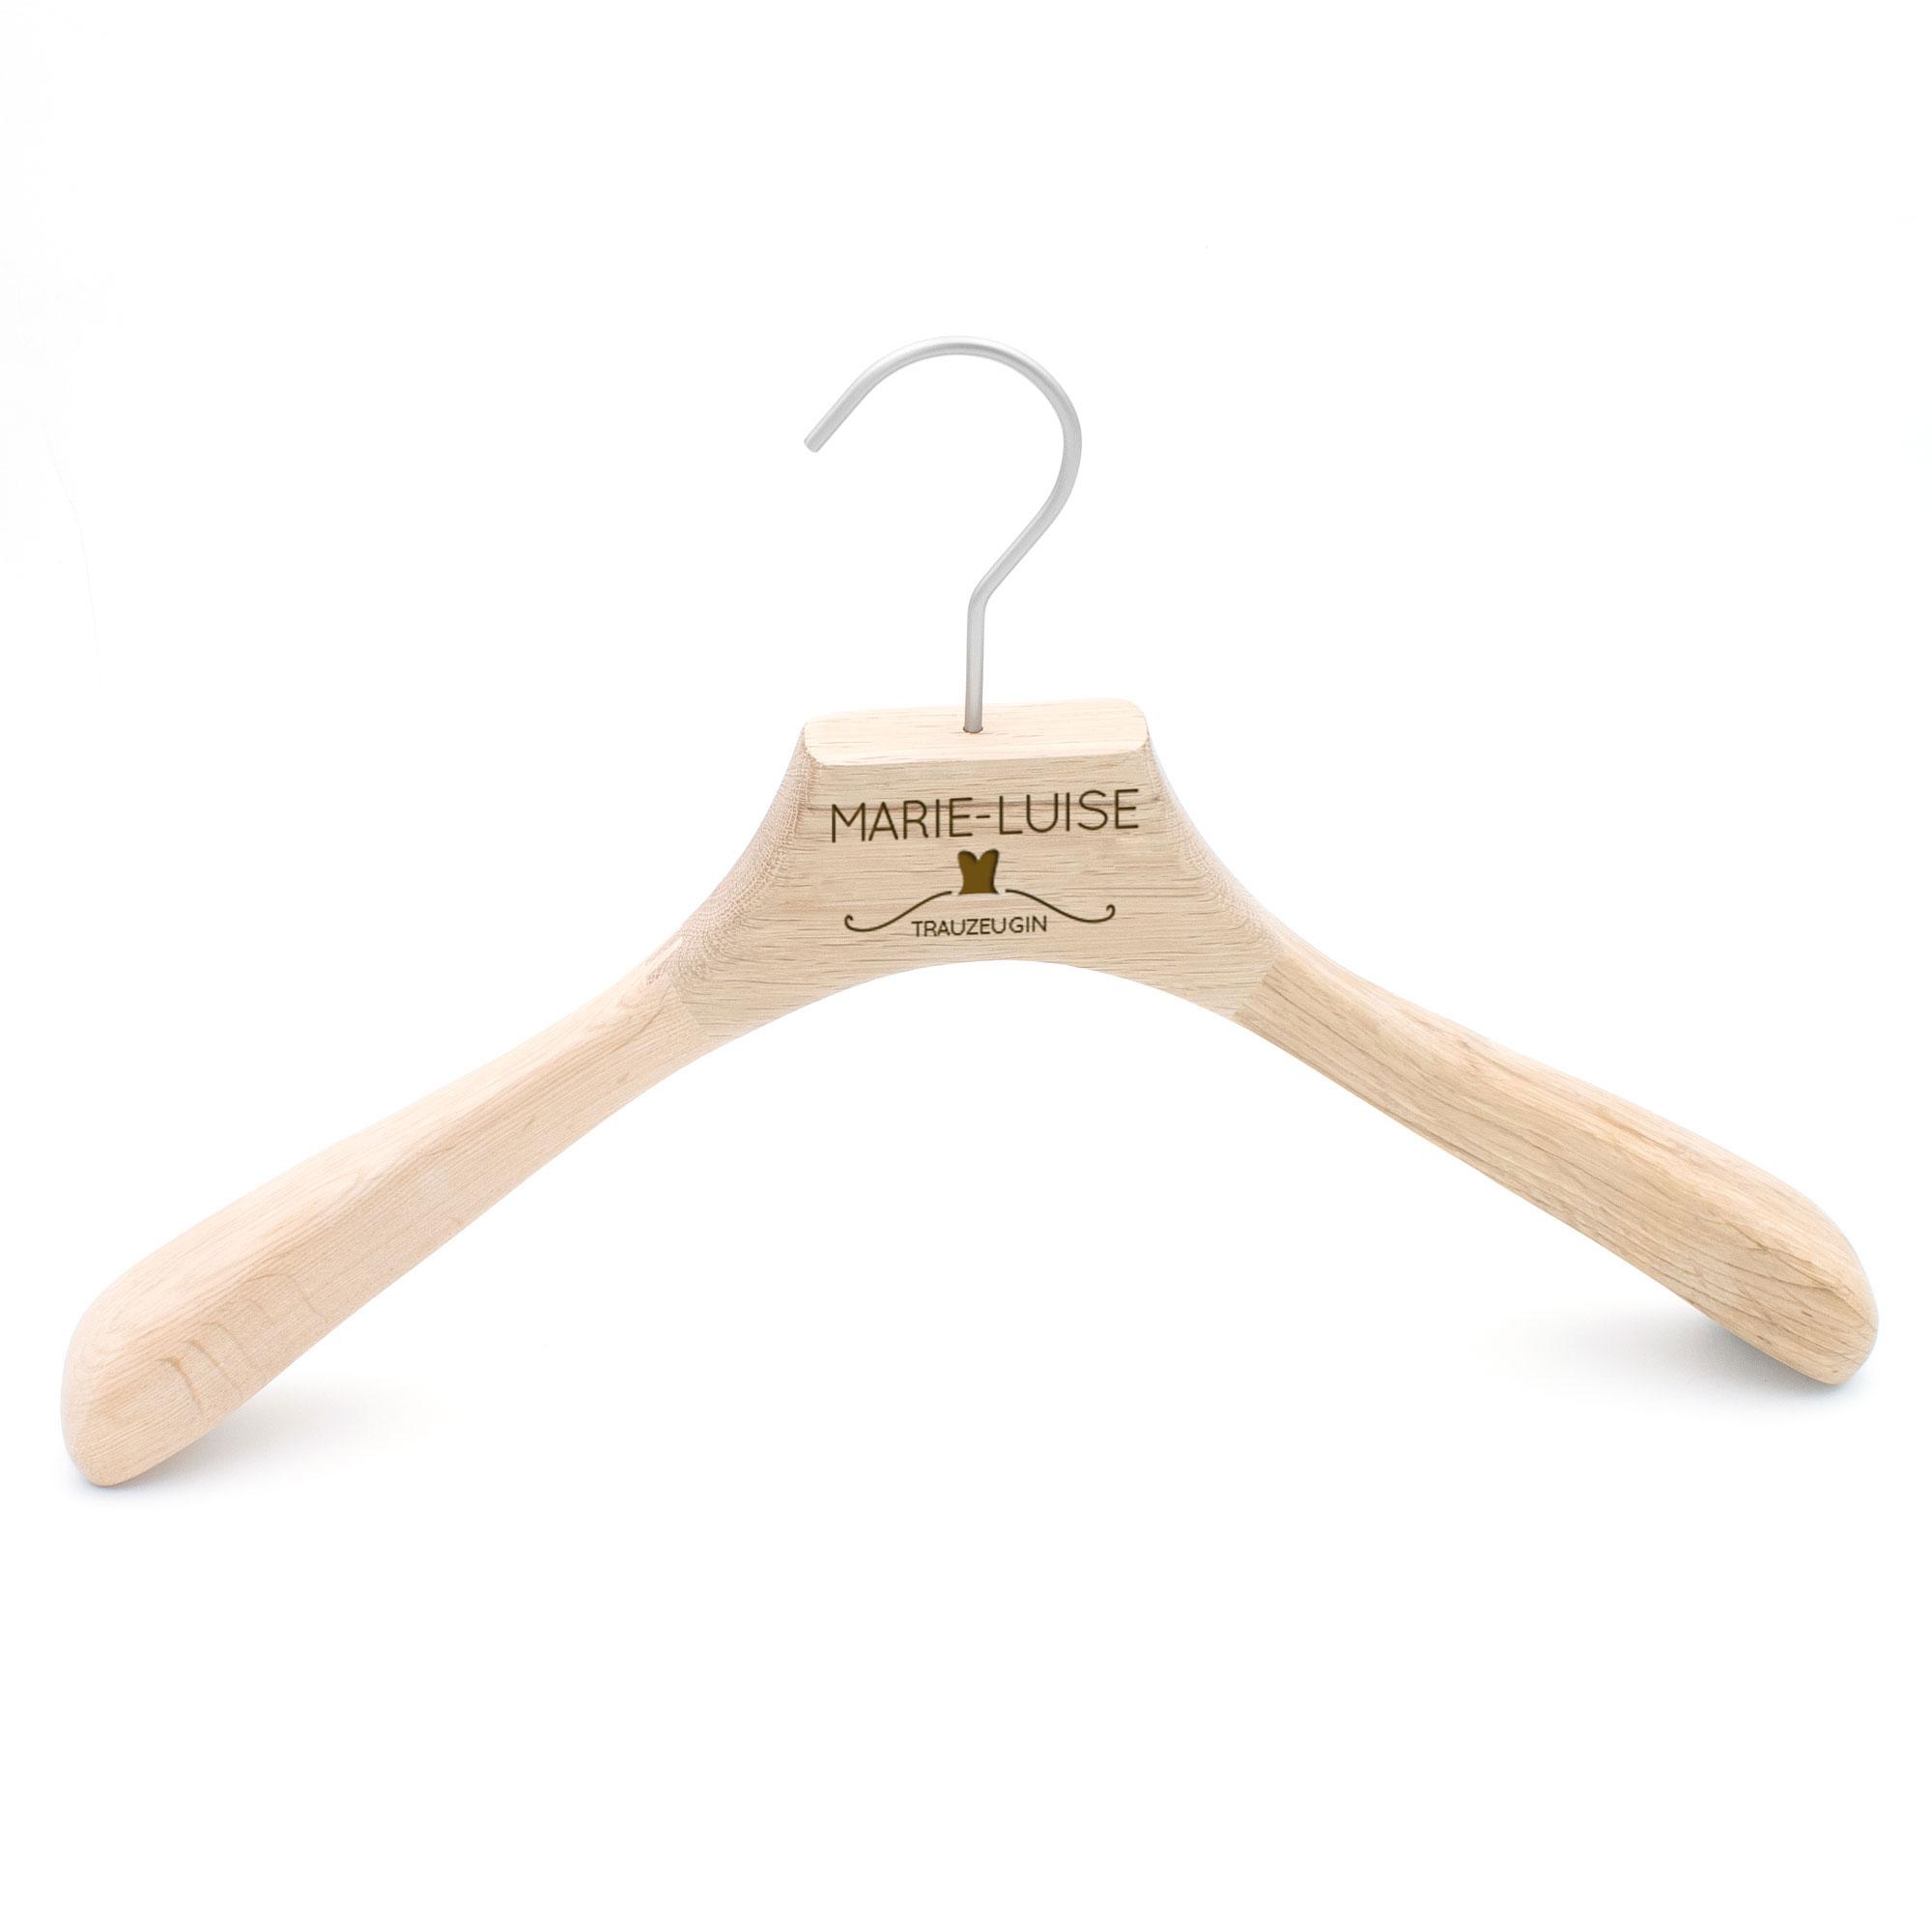 Kleiderbügel aus Holz, Trauzeugin